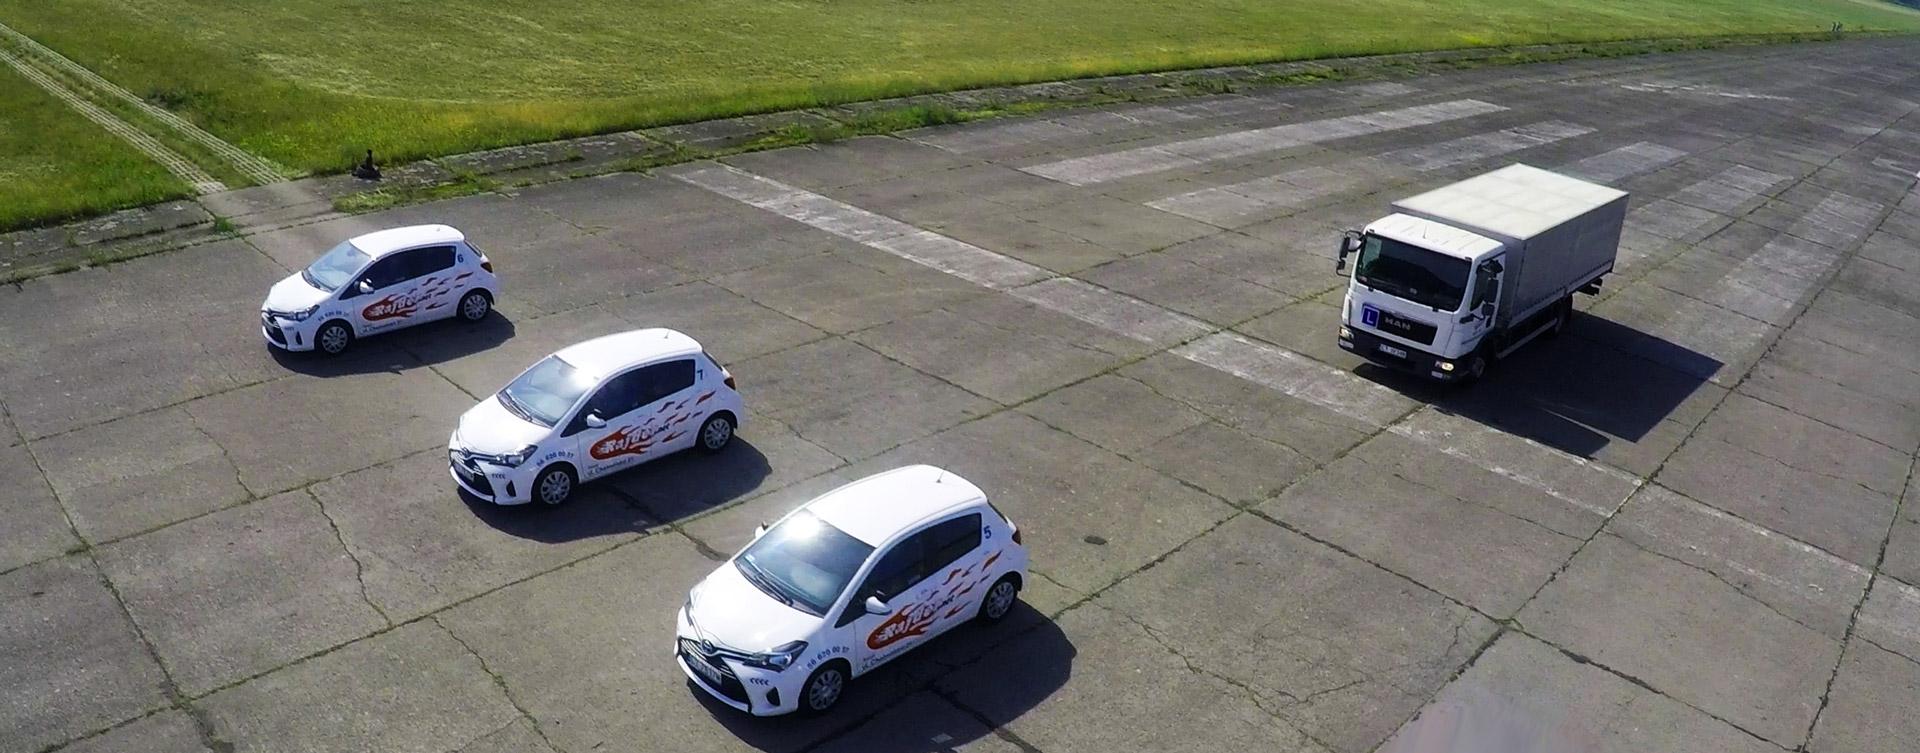 prawo jazdy toruń - szkola nauki jazdy toruń - kursy jazdy toruń